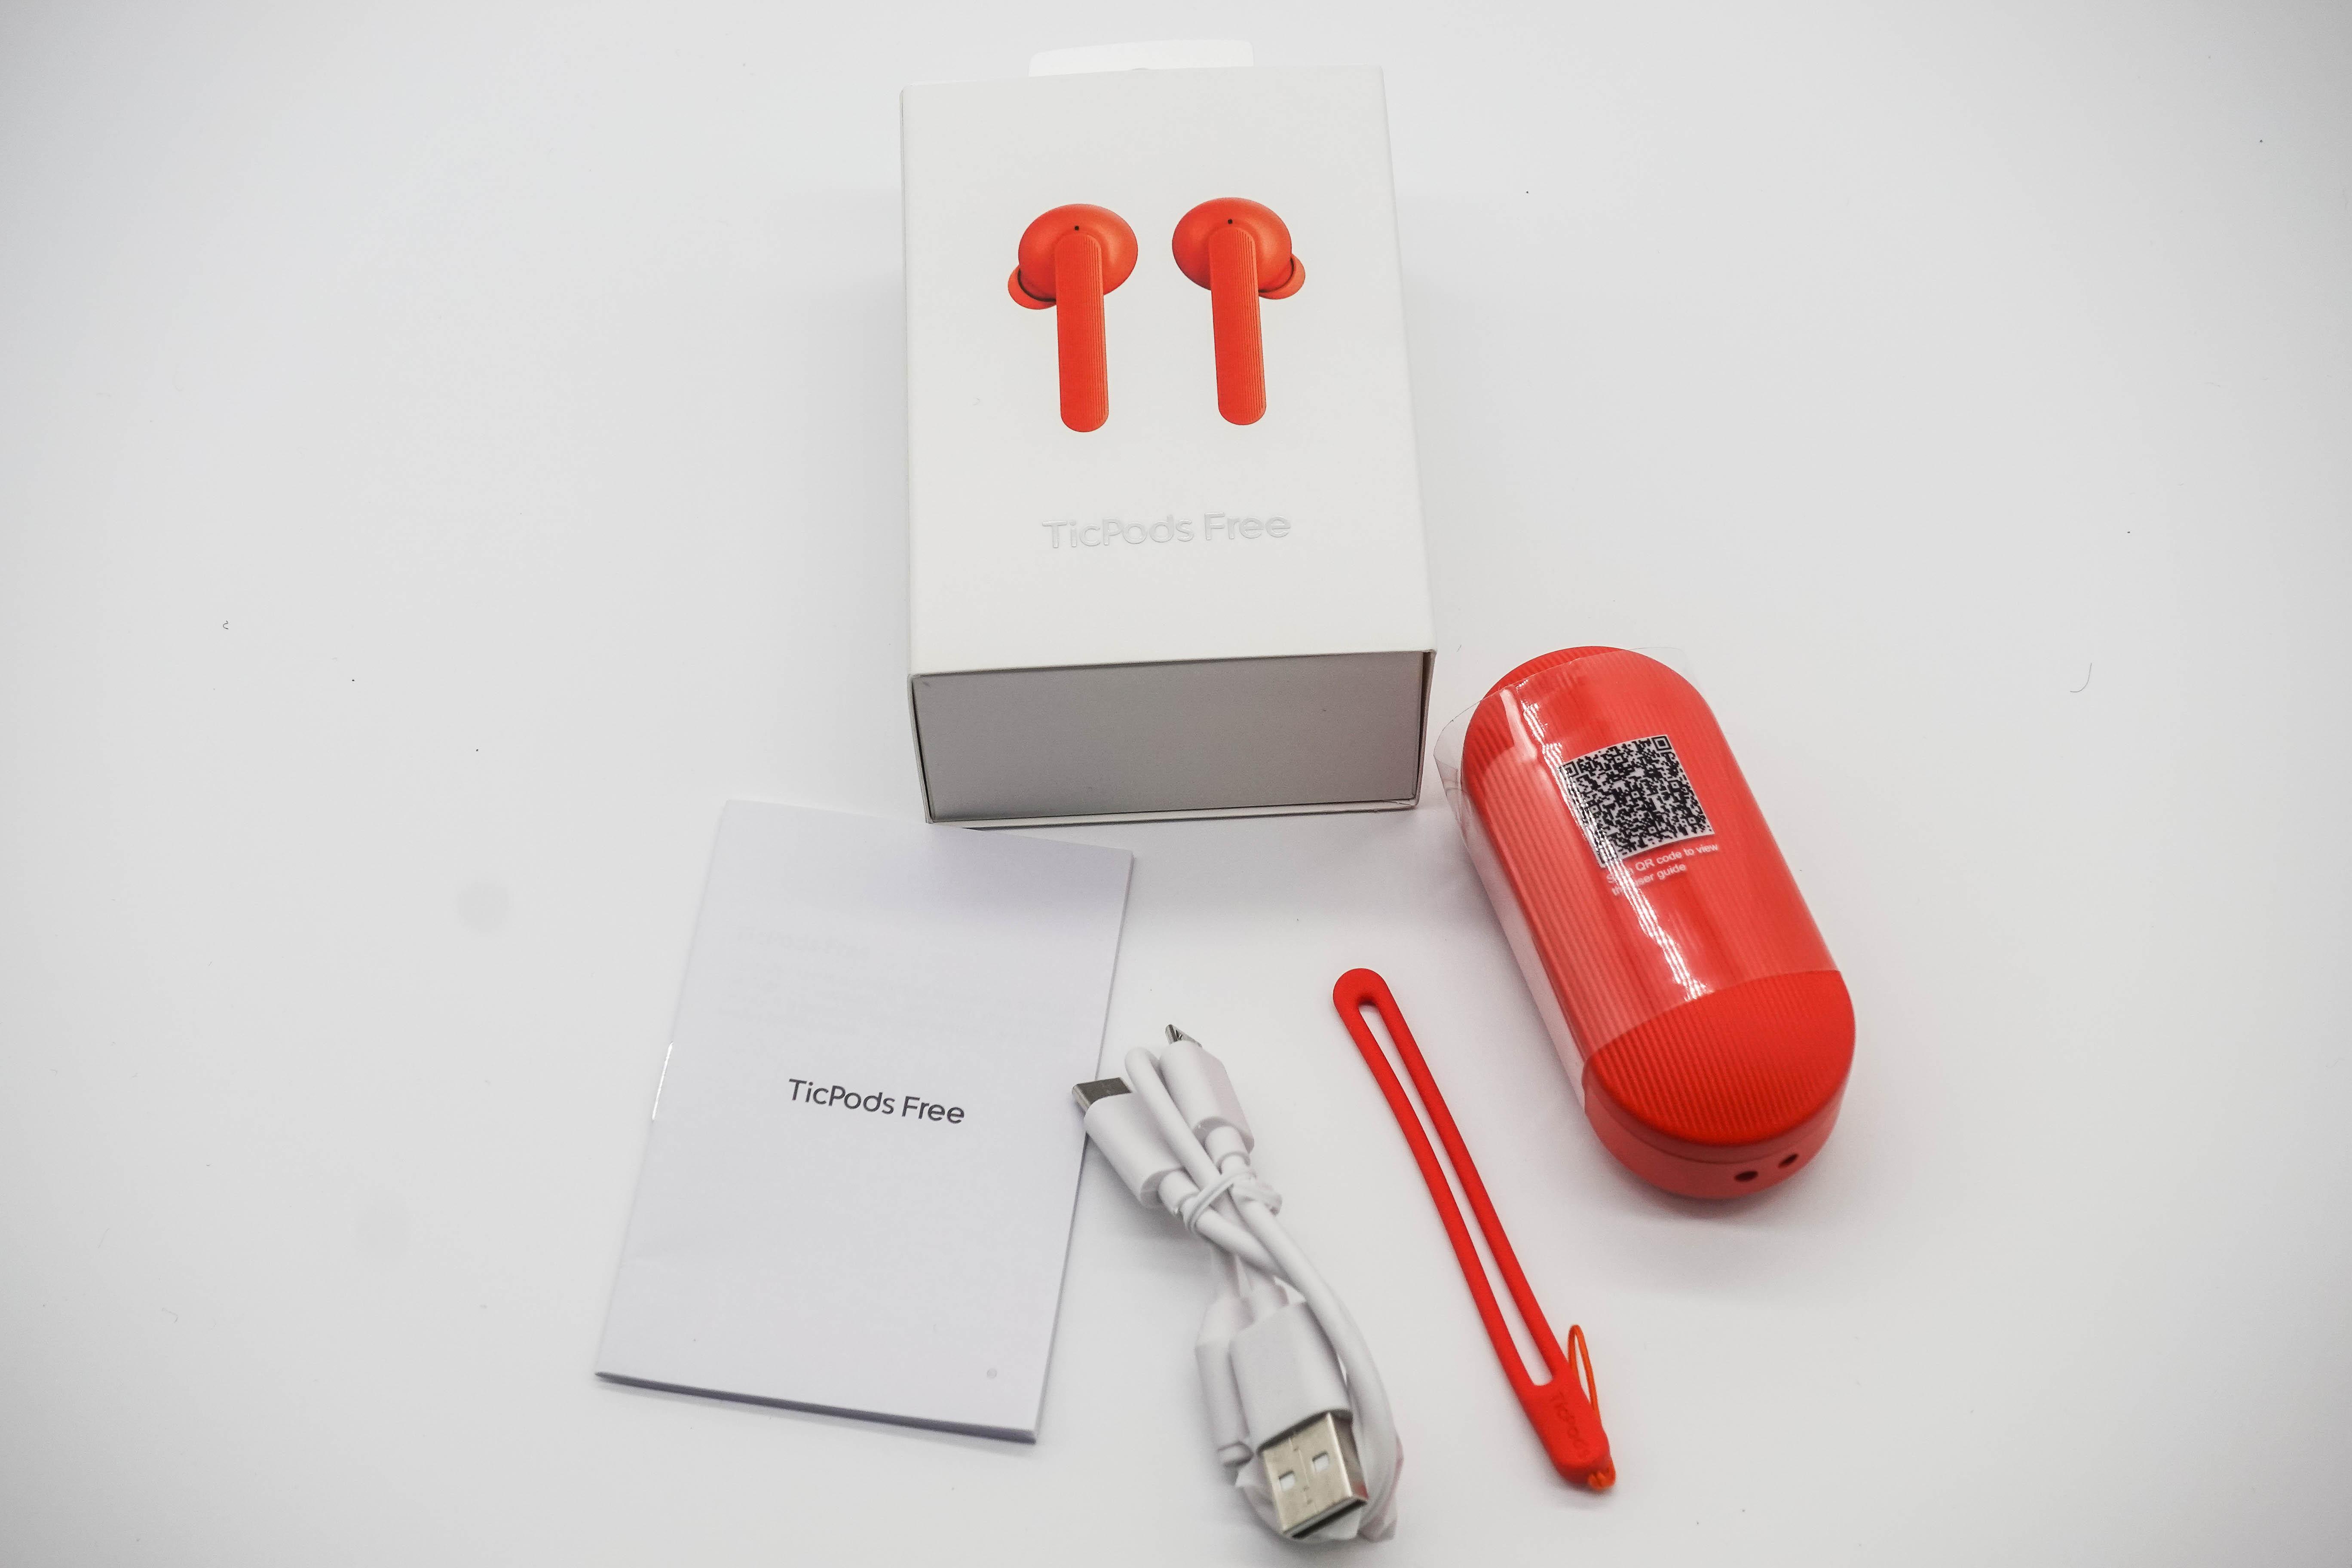 TicPods Free 盒裝內容物